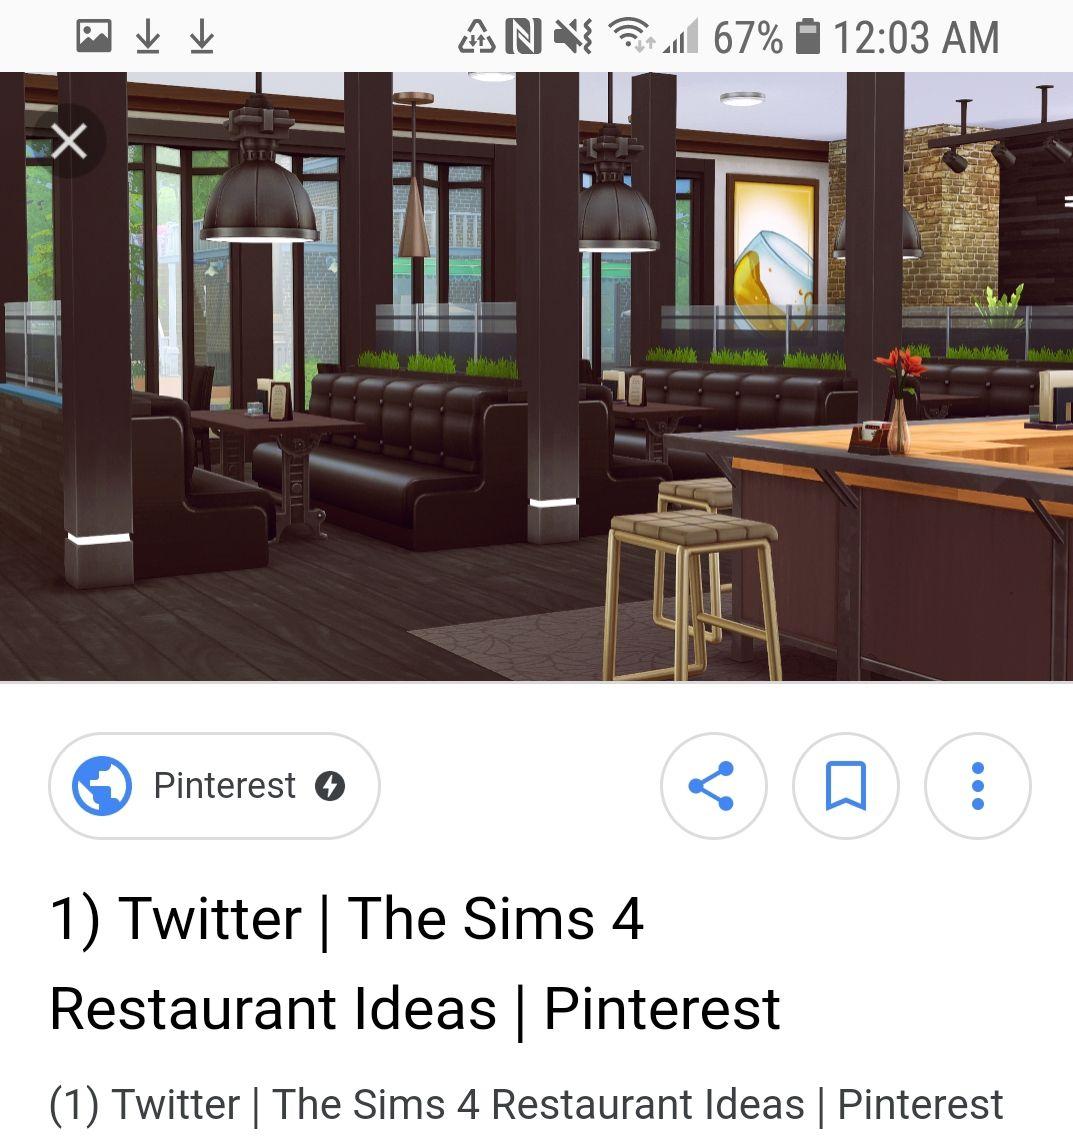 Sims 4 Restaurant Interior Idea Sims 4 Restaurant Sims Building